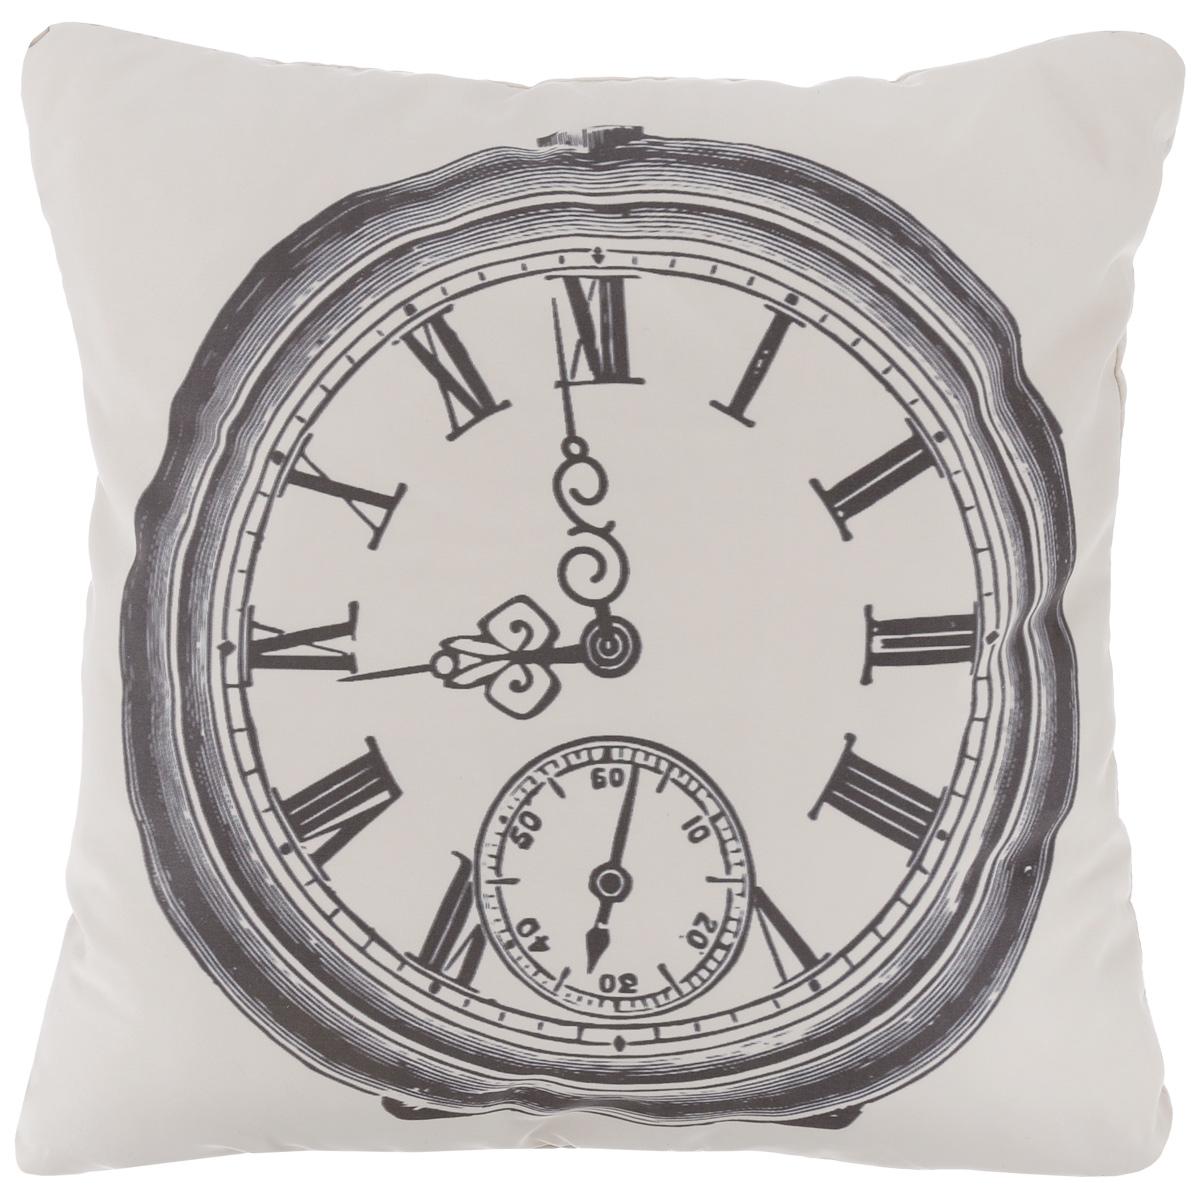 Подушка декоративная Proffi Старинные часы, цвет: белый, черный, 43 х 43 смPH5956Декоративная подушка Proffi Старинные часы - это яркое украшение вашего дома. Чехол выполнен из приятного на ощупь полиэстера и застегивается на молнию. Внутри - мягкий наполнитель, изготовленный из шариков холлофайбера. Лицевая сторона подушки украшена ярким изображением, задняя сторона - однотонная. Стильная и яркая подушка эффектно украсит интерьер и добавит в привычную обстановку изысканность и роскошь.